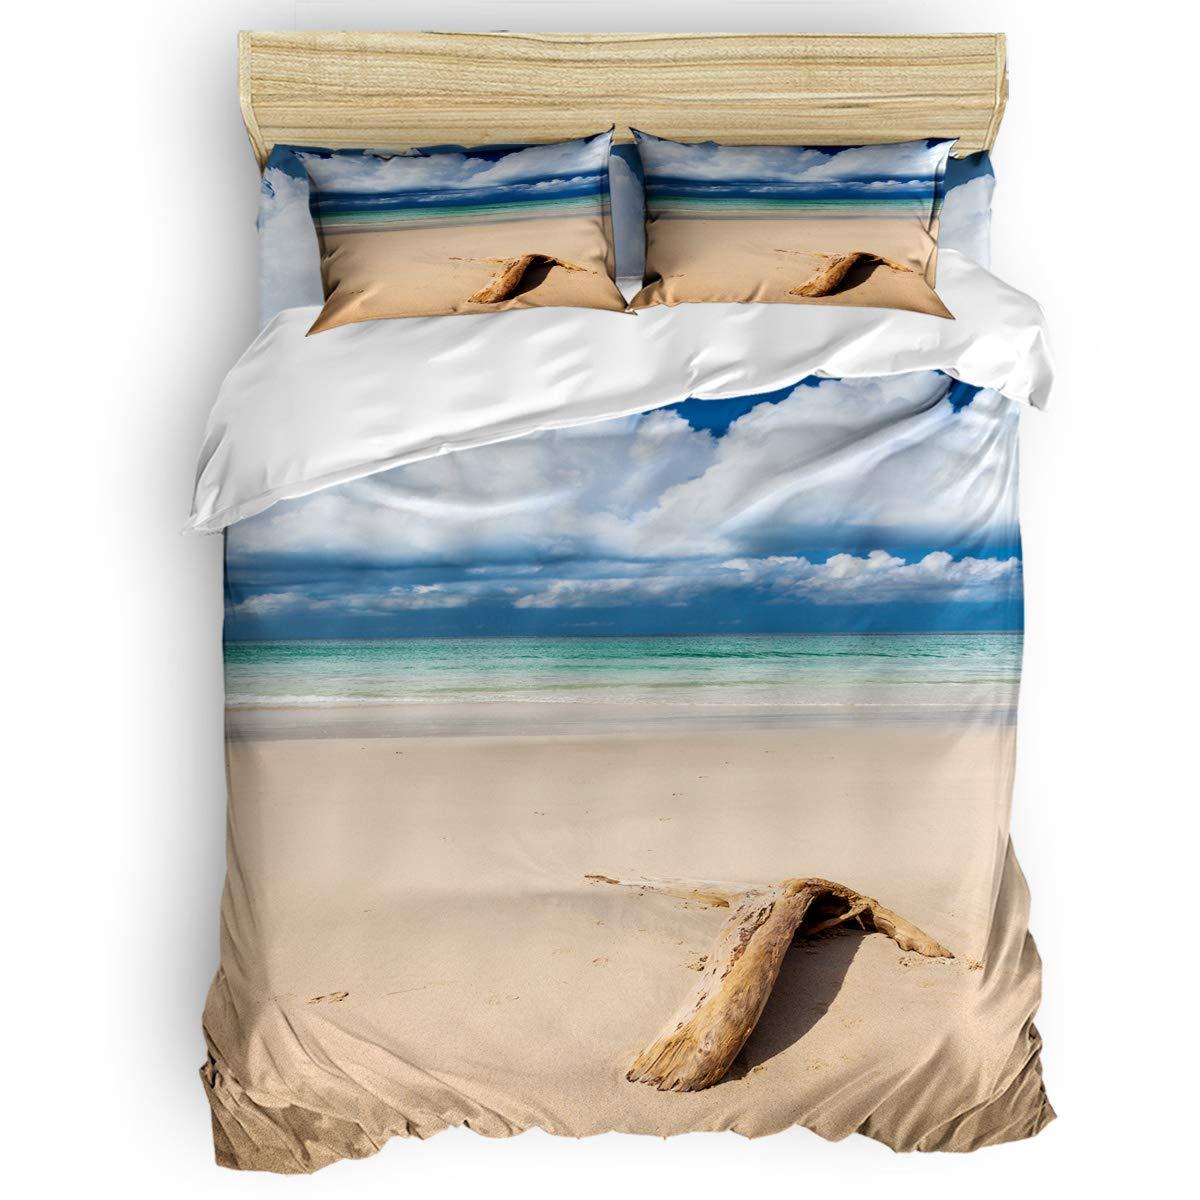 掛け布団カバー 4点セット 黒と白のレトロな世界地図 寝具カバーセット ベッド用 べッドシーツ 枕カバー 洋式 和式兼用 布団カバー 肌に優しい 羽毛布団セット 100%ポリエステル クイーン B07TF8YPMT Beach driftwoodLAS7544 クイーン